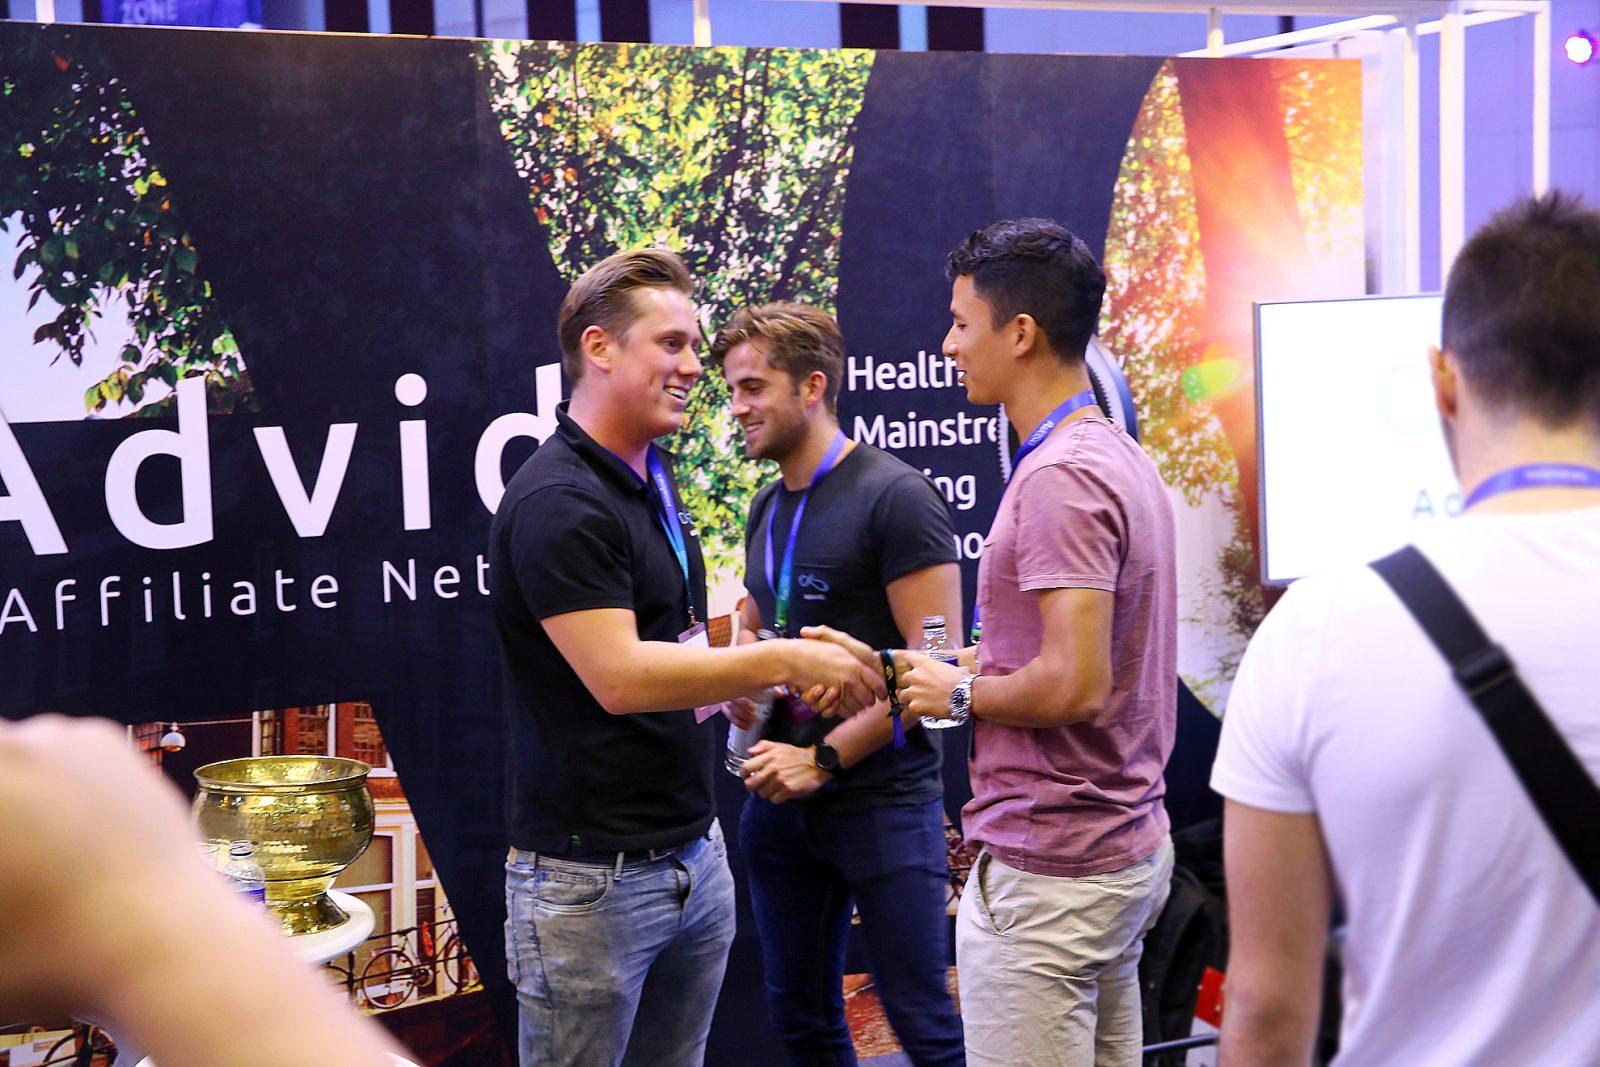 Stephan stepped forward for a congratulatory handshake upon winning